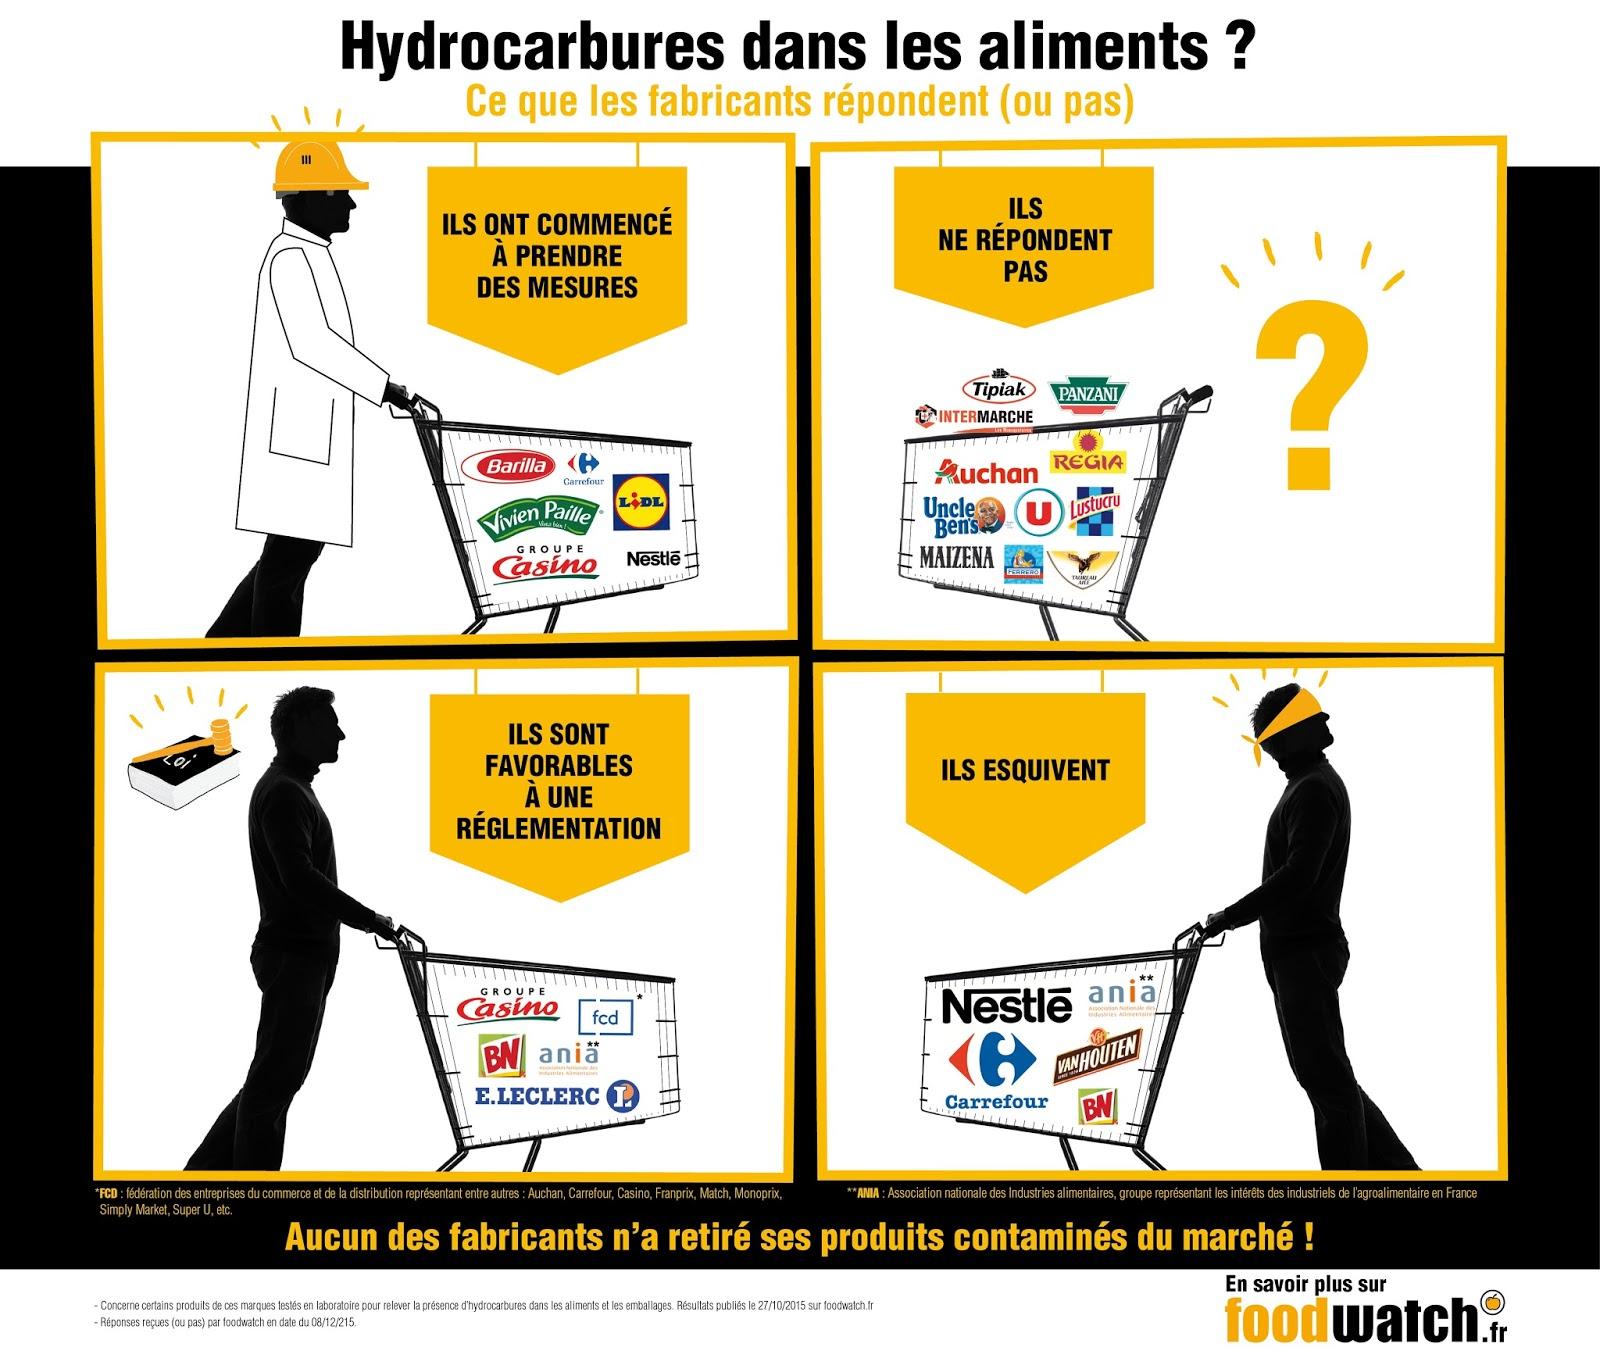 Alalumieredunouveaumonde Des Hydrocarbures Dans Nos